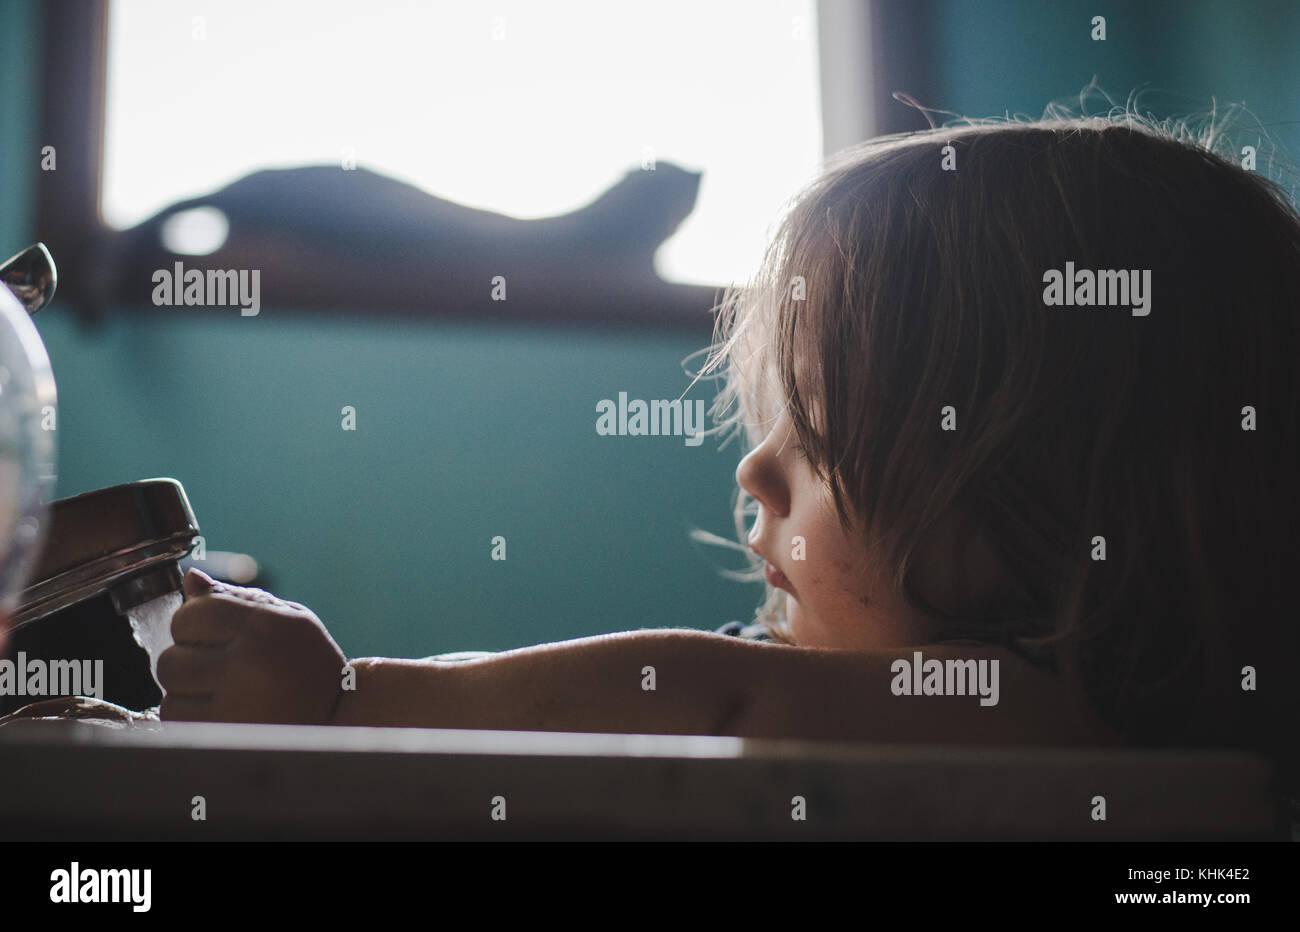 Ein Kleinkind Mädchen waschen Farbe weg die Hände in einem Waschbecken im Bad. Stockbild